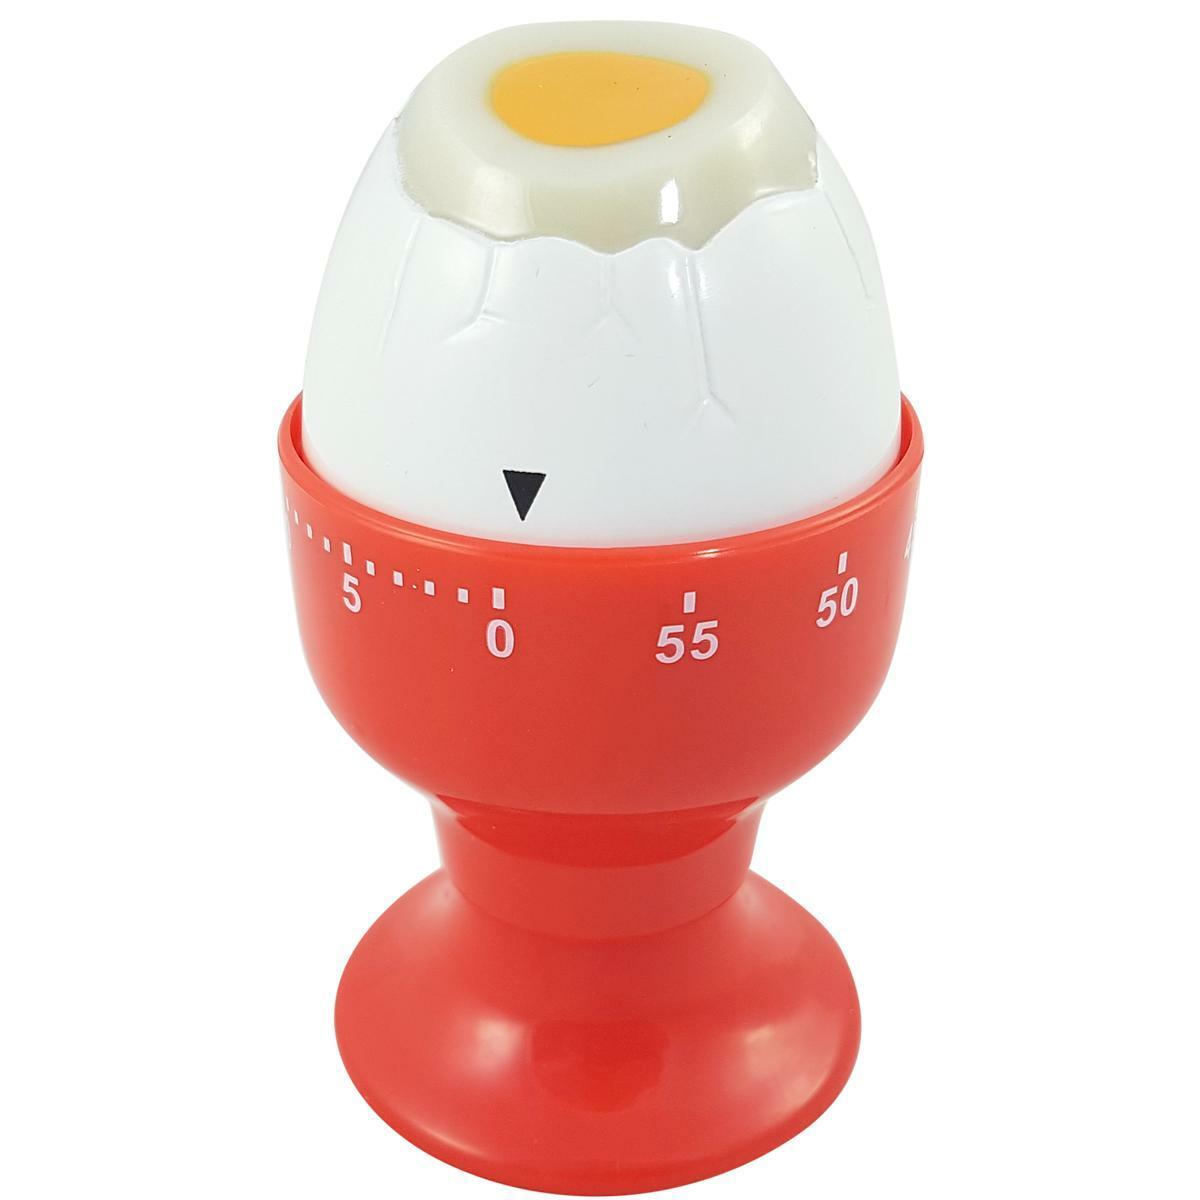 bierre store timer da cucina 60 uovo coque